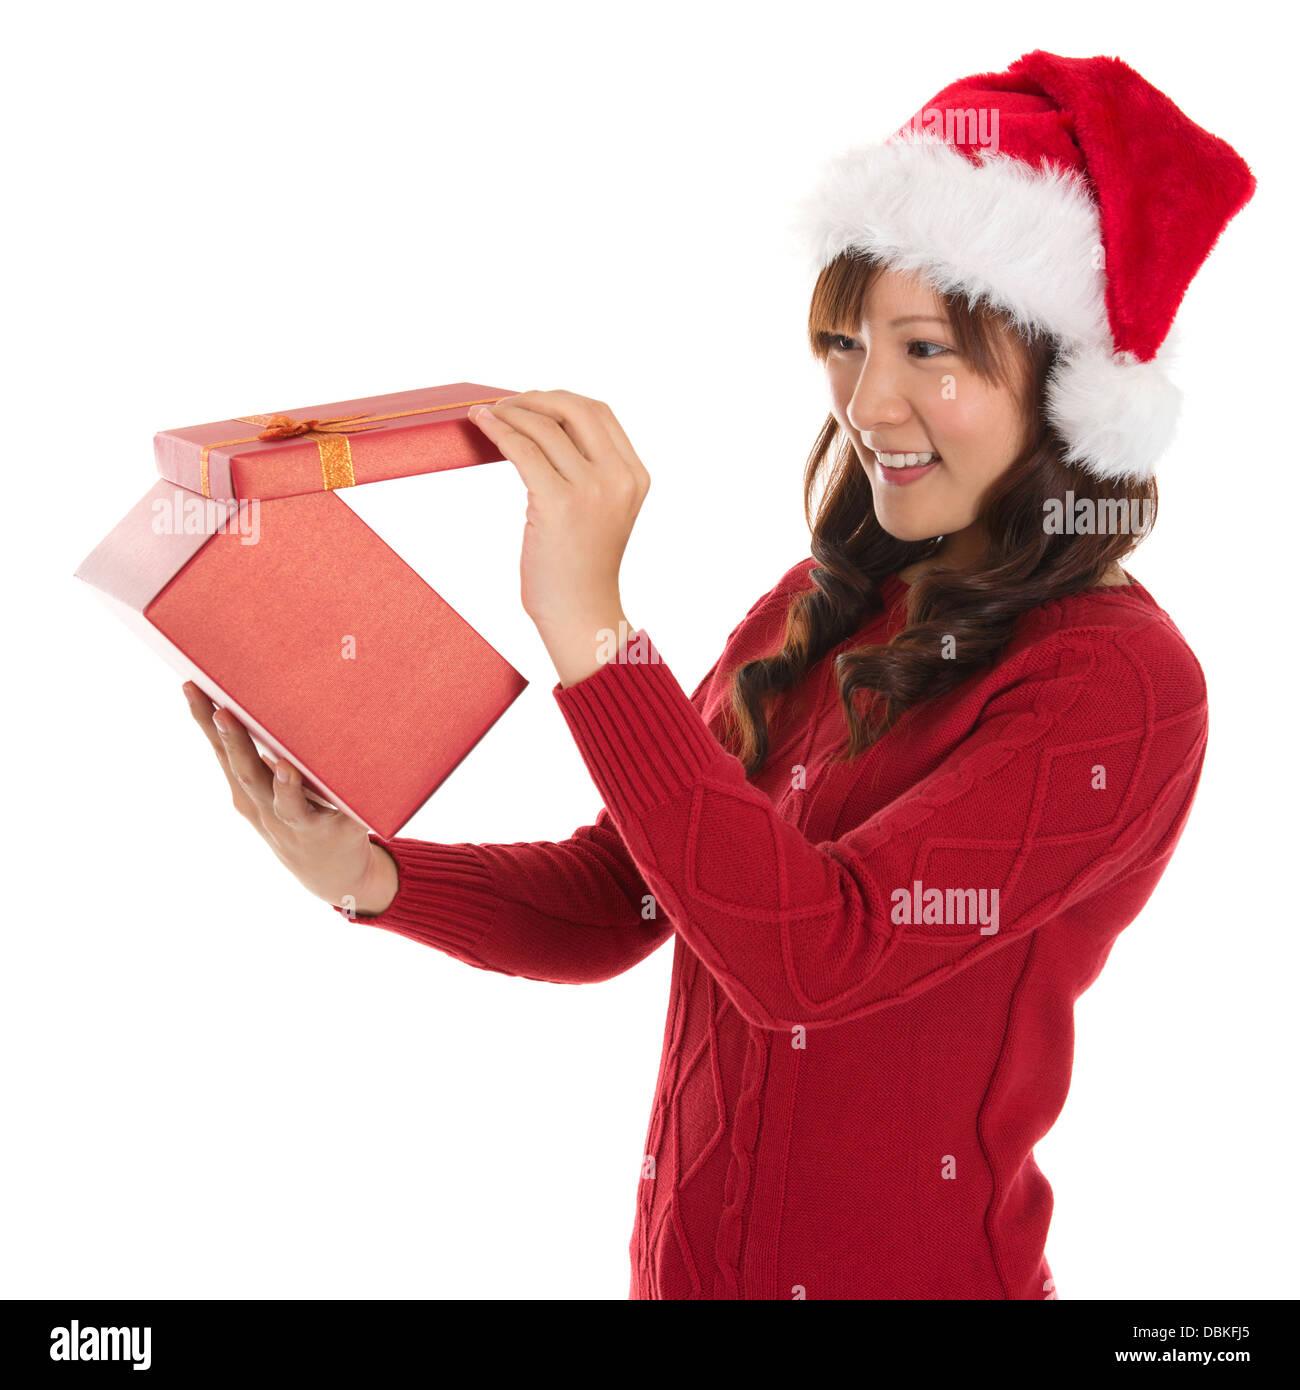 Weihnachtsgeschenk - asiatische Frau Geschenk glückliches Gesicht ...